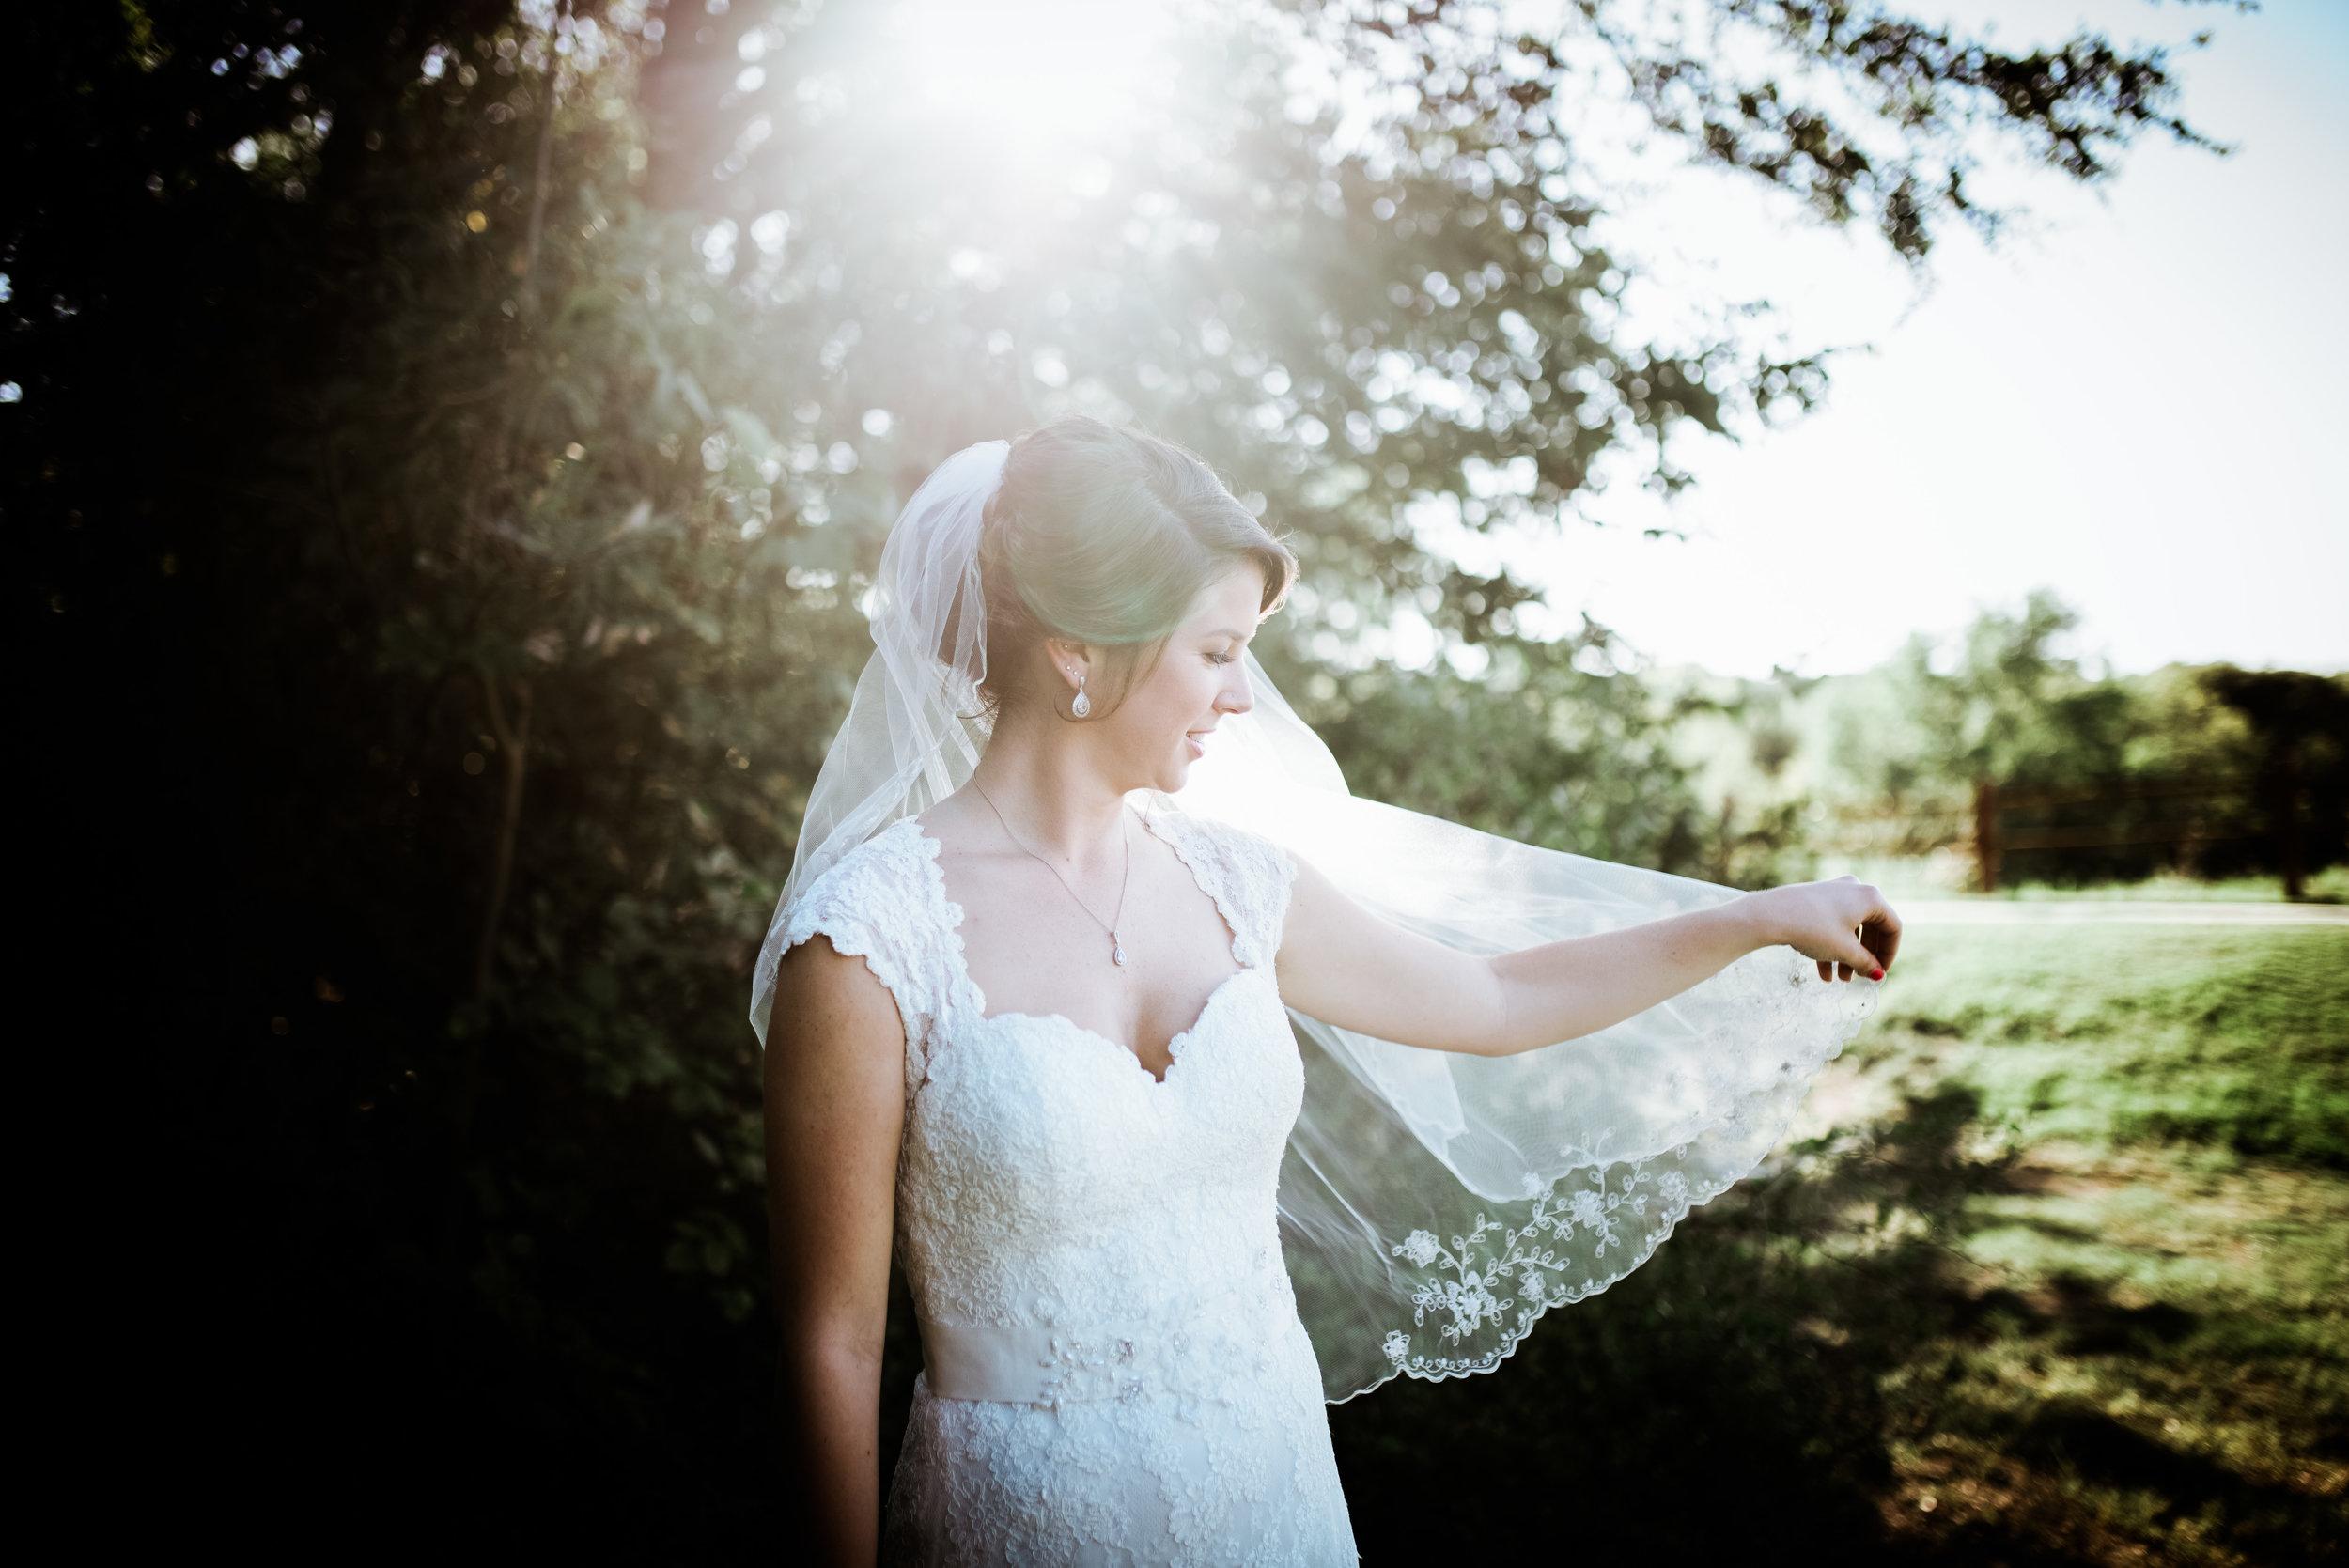 caitlin bridals-11.jpg